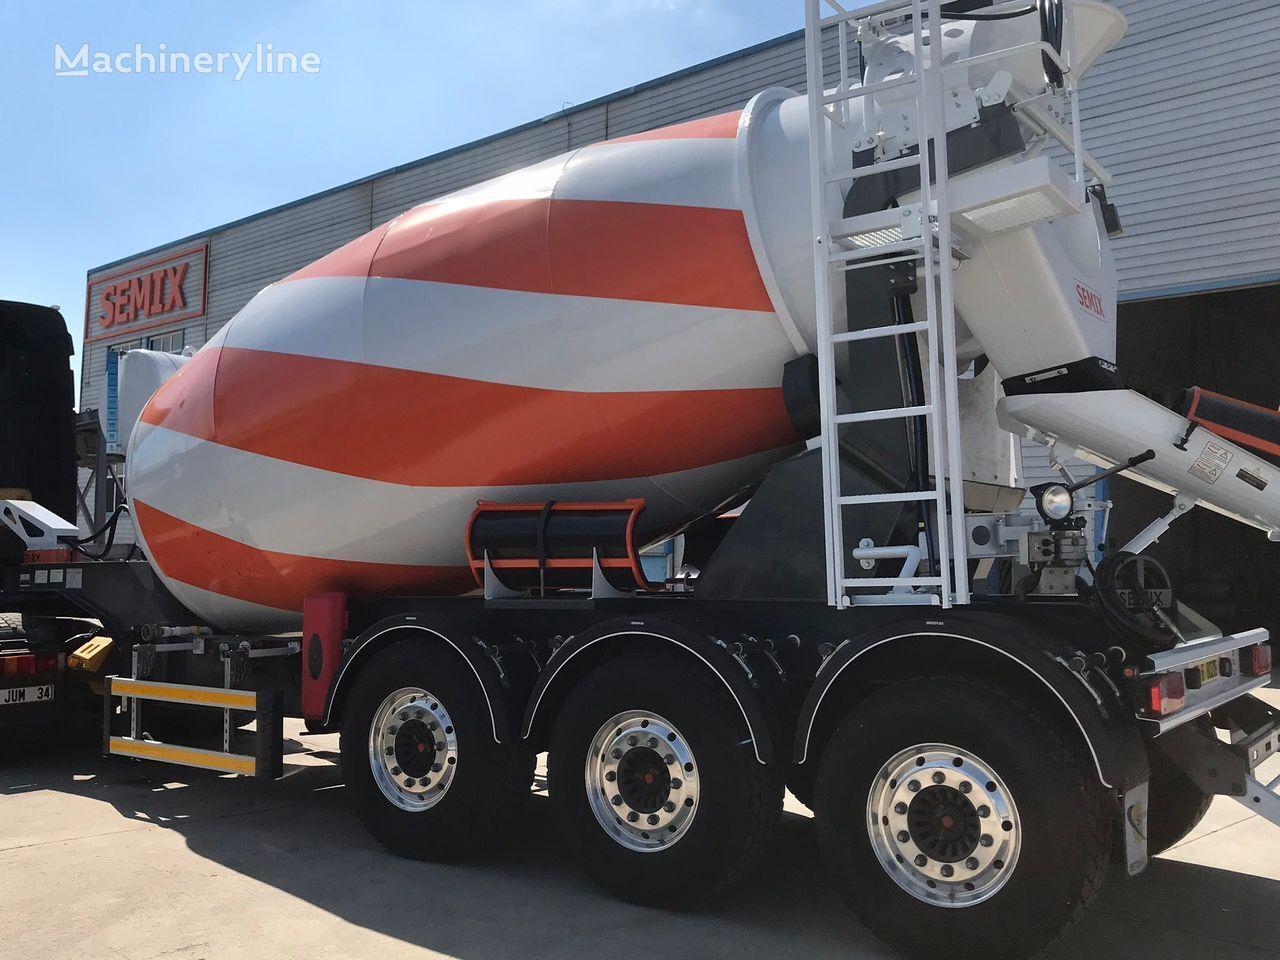 new SEMIX Semi Remorque 12 m³ concrete mixer semi-trailer